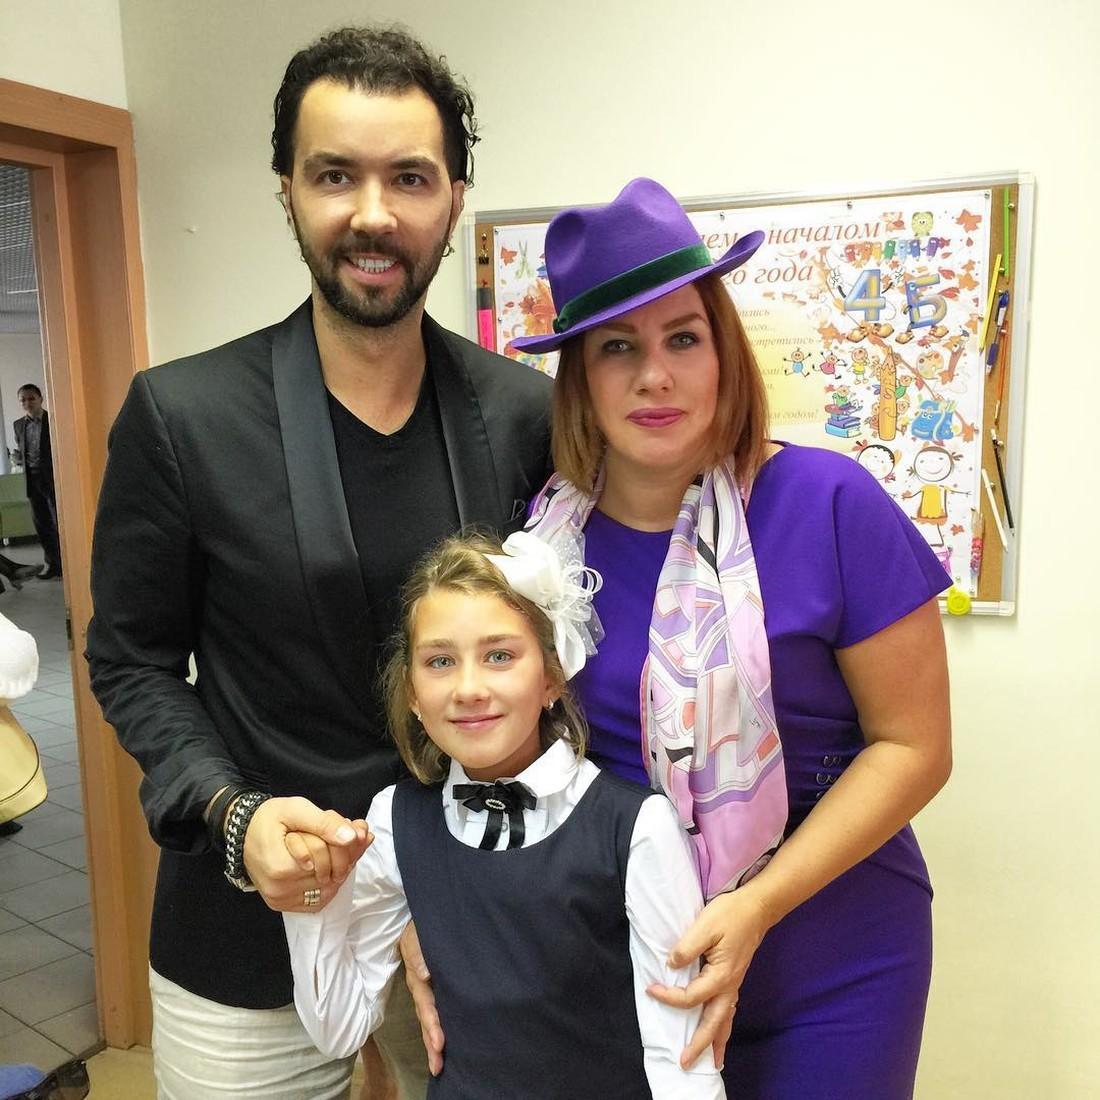 Ева, Денис Клявер и их дочь Эвелина.